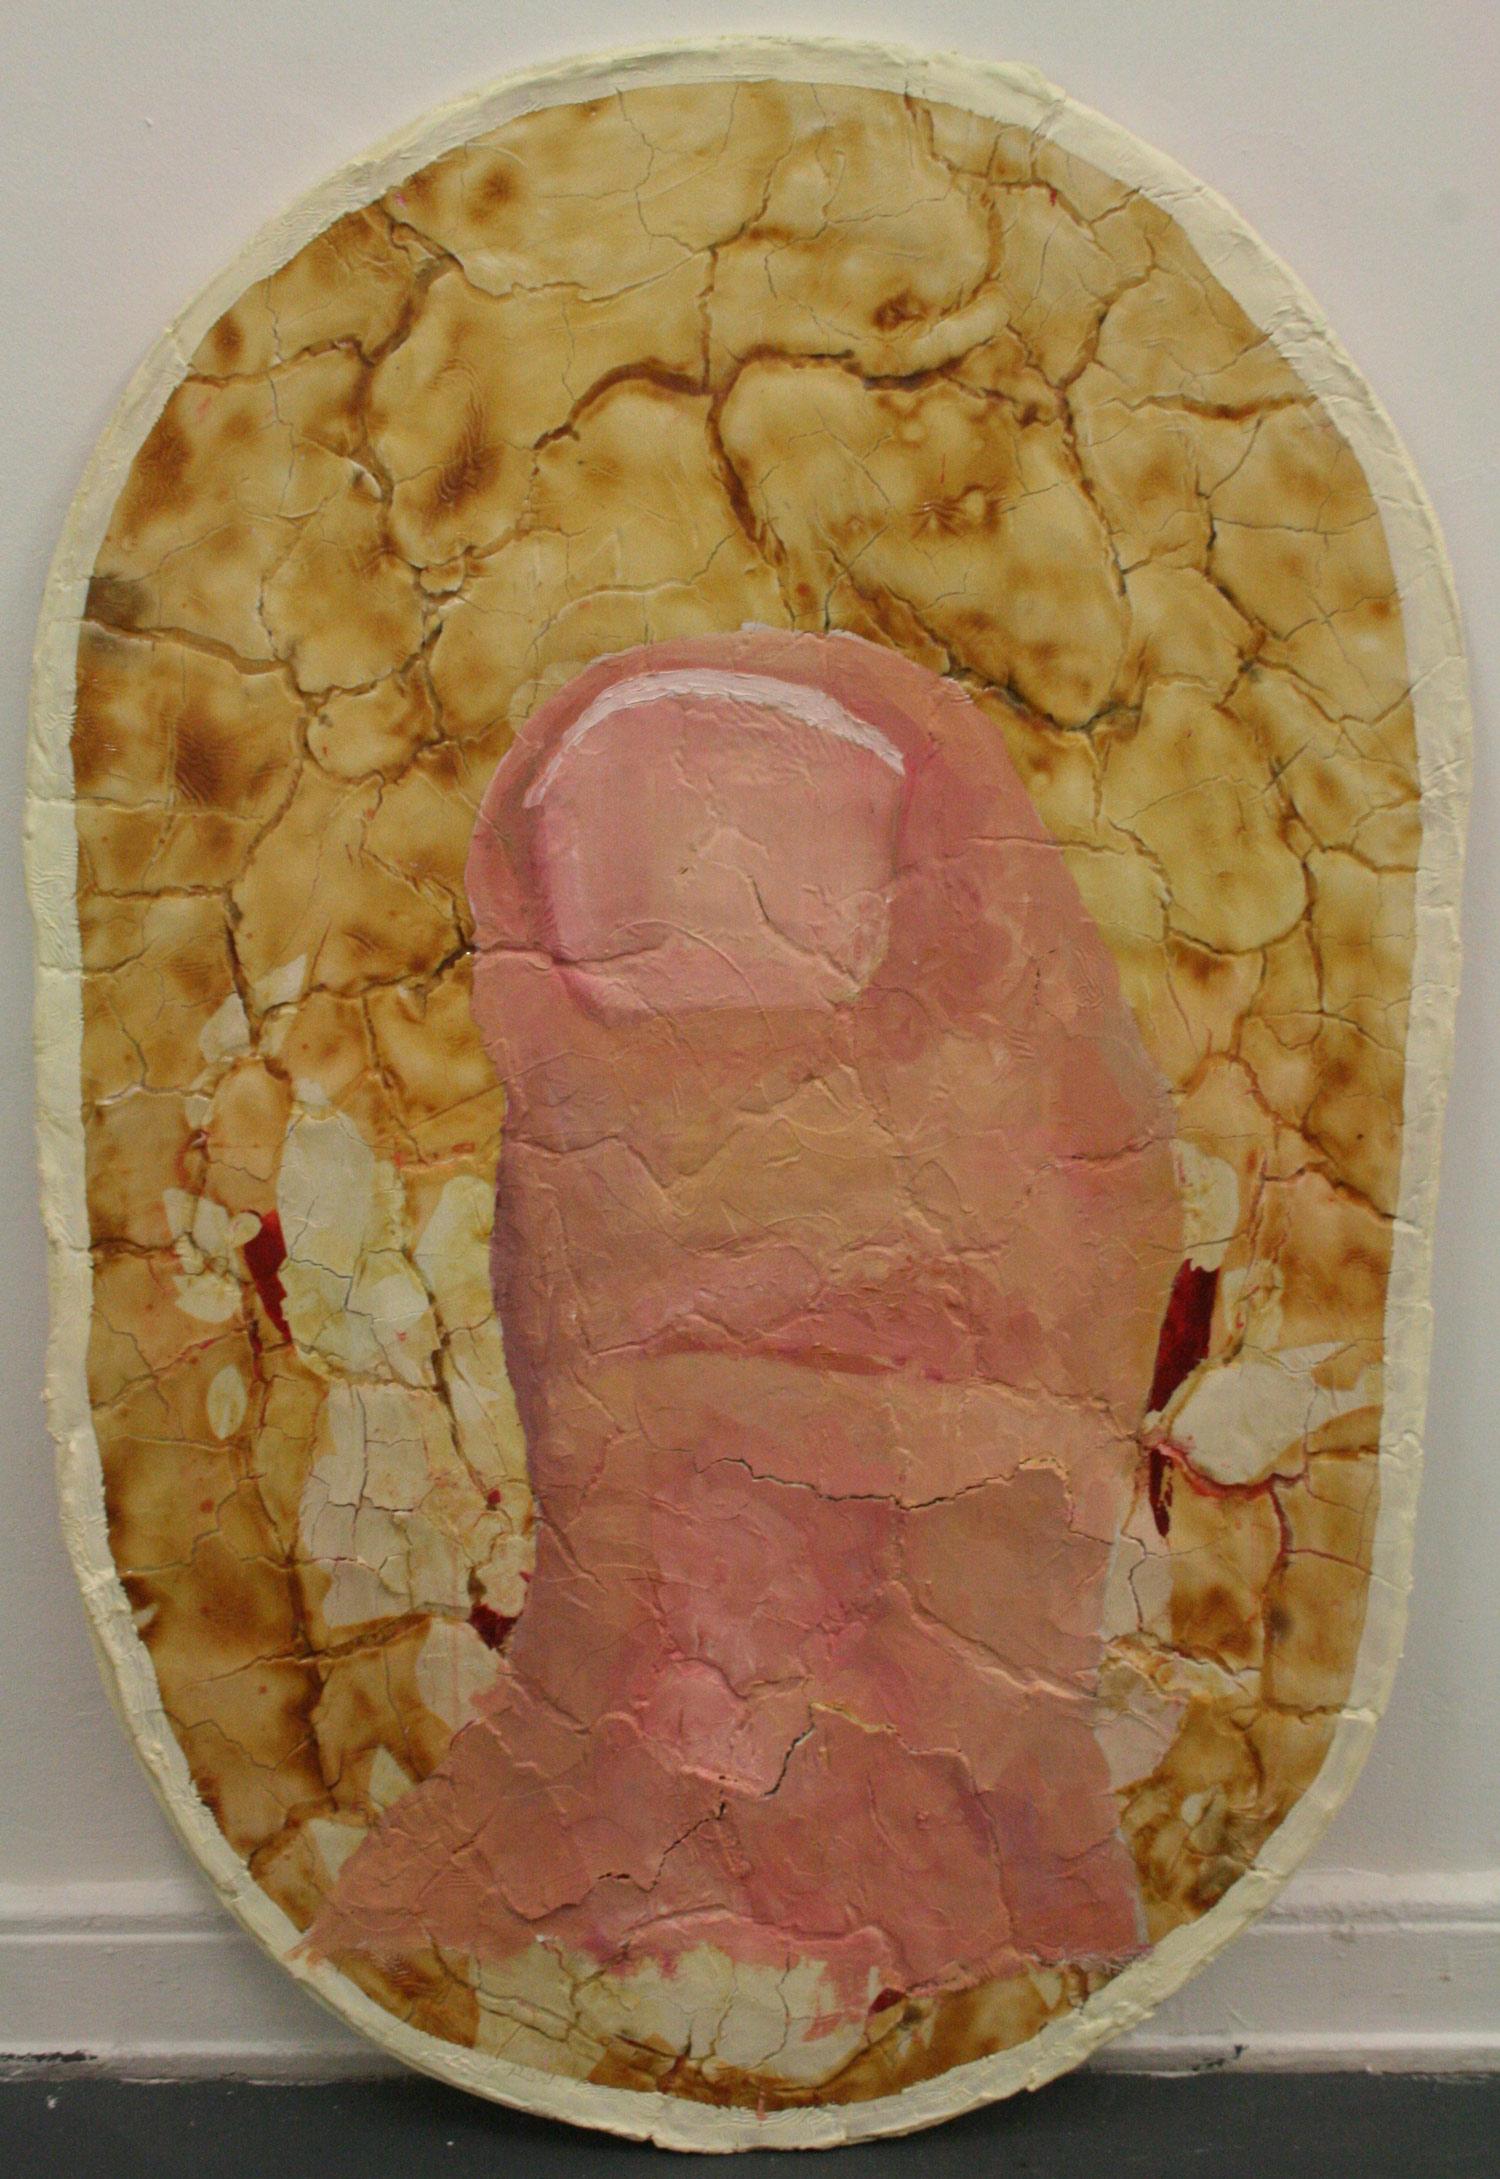 Laura Link . ohne Titel 2012 . Ölfarbe, Klarlack, Salzteig, Holz . 140 x 95